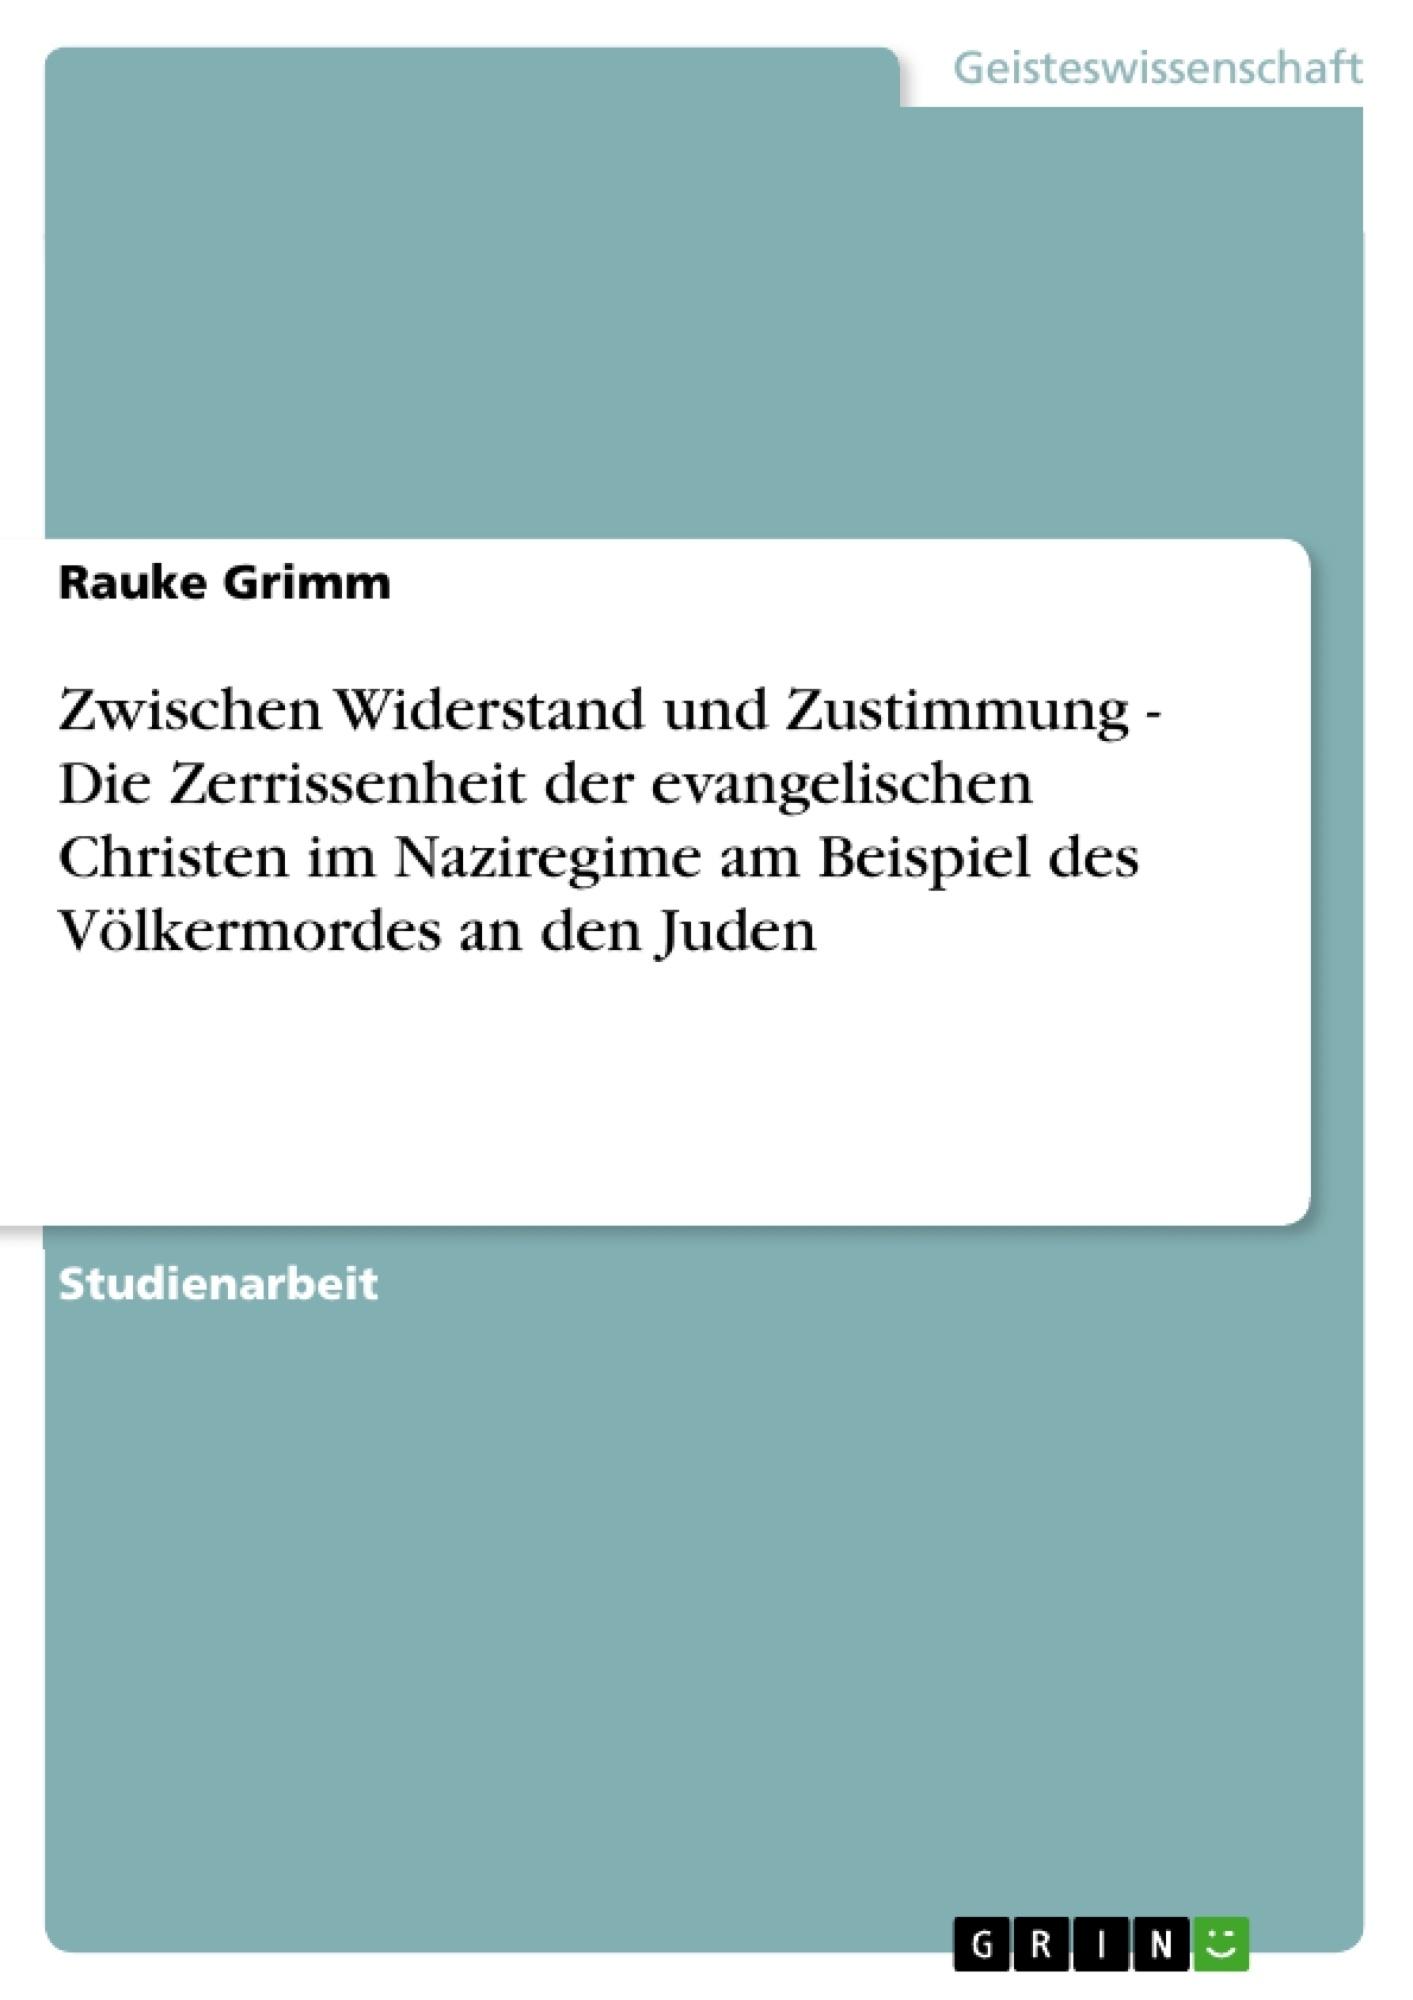 Titel: Zwischen Widerstand und Zustimmung - Die Zerrissenheit der evangelischen Christen im Naziregime am Beispiel des Völkermordes an den Juden